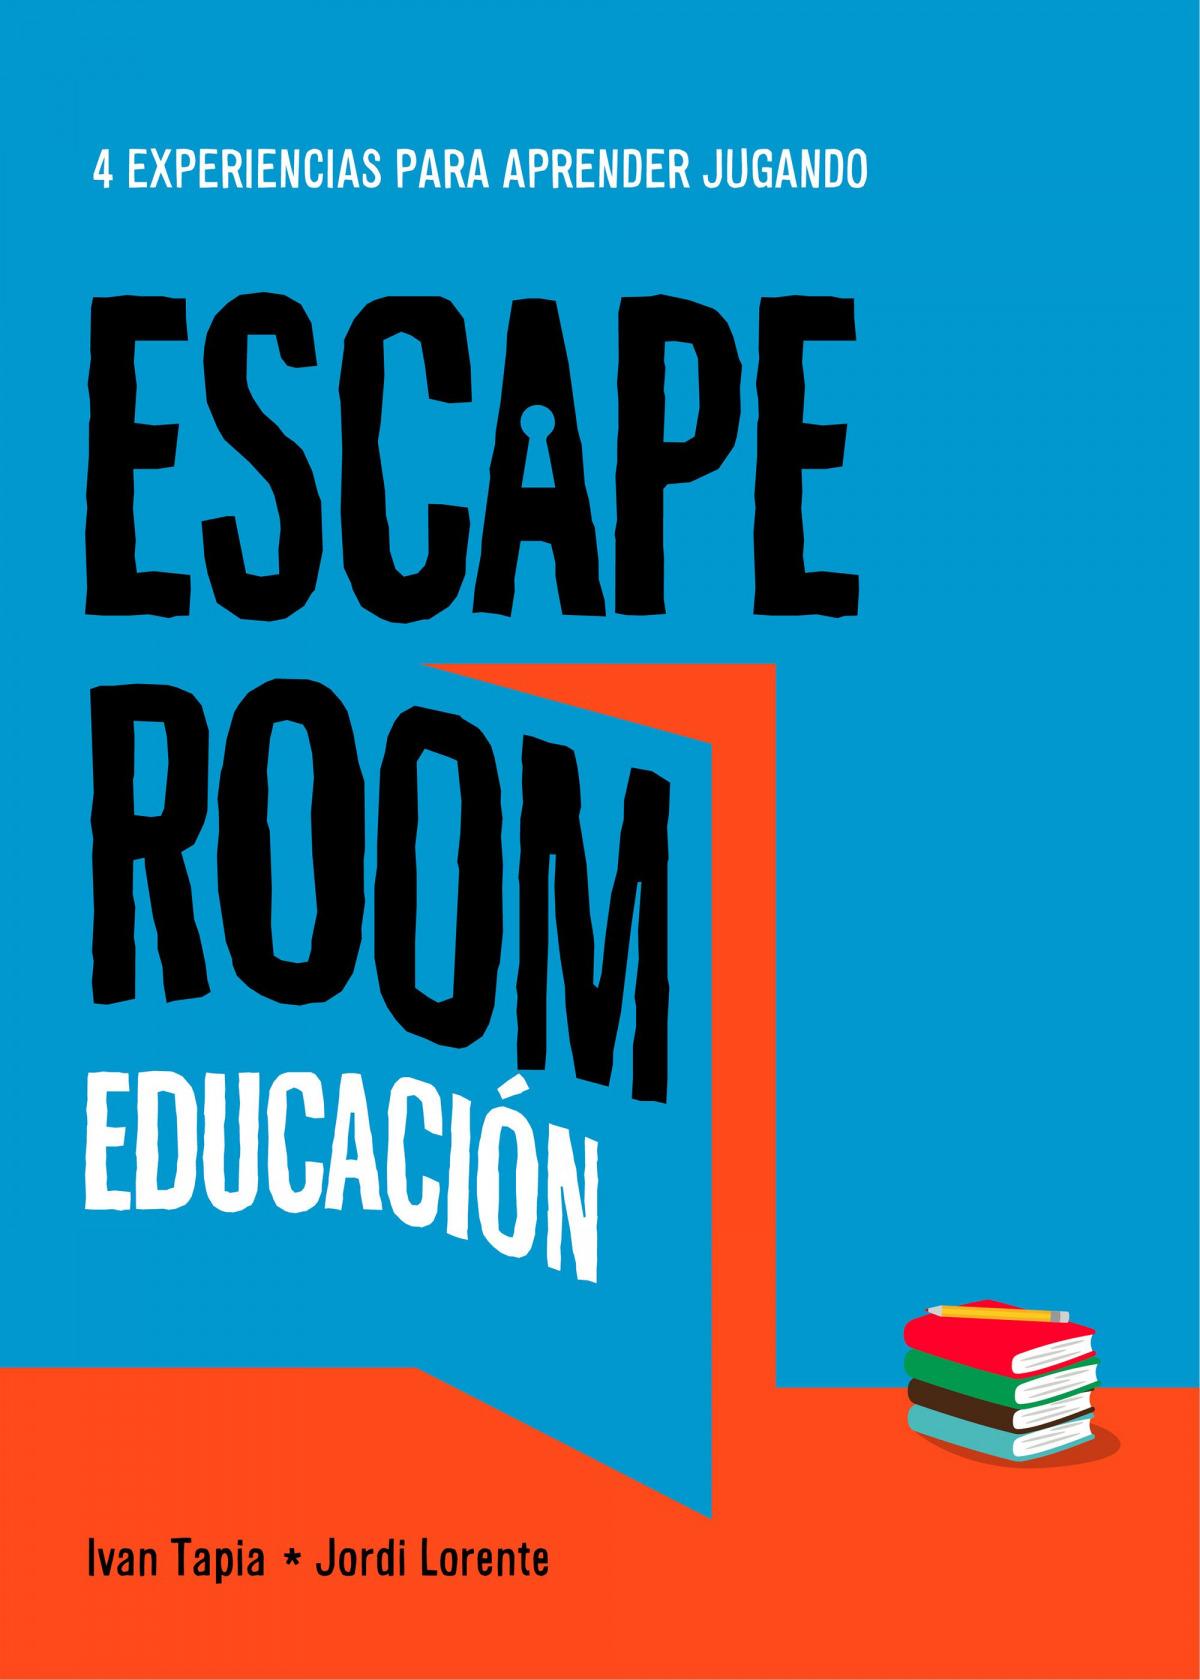 Escape room educación 9788417858896